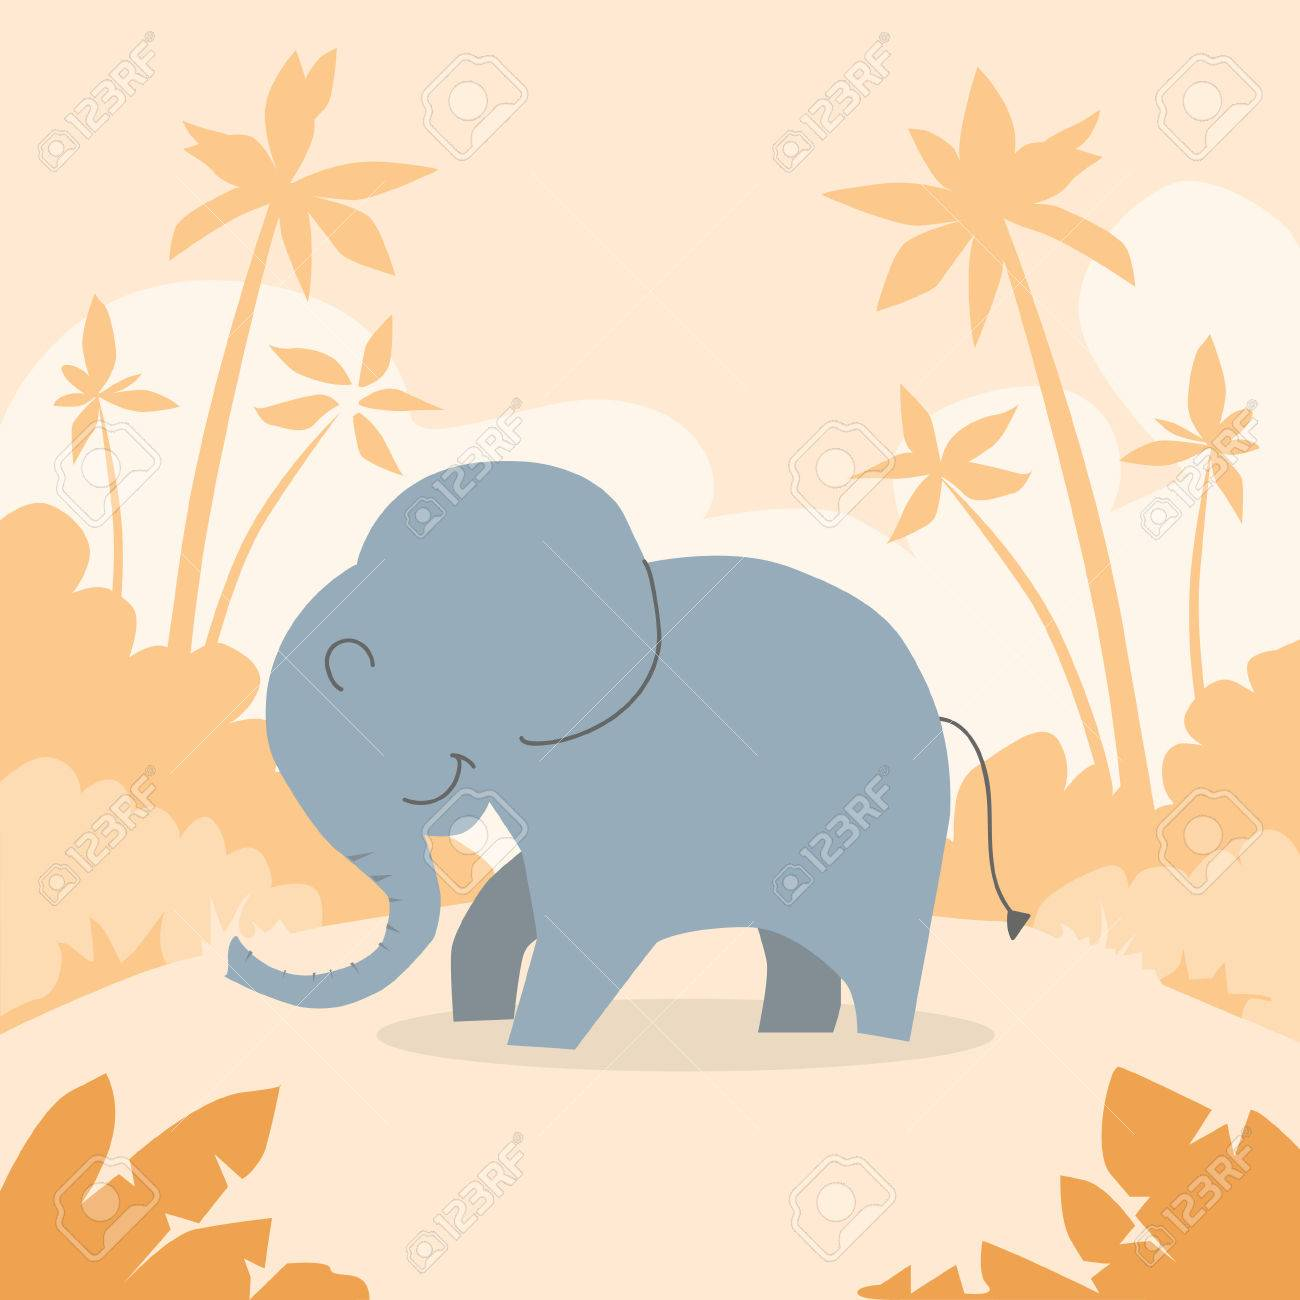 Dibujos Animados Elefante Africano Colorido Ilustración Plano Retro ...